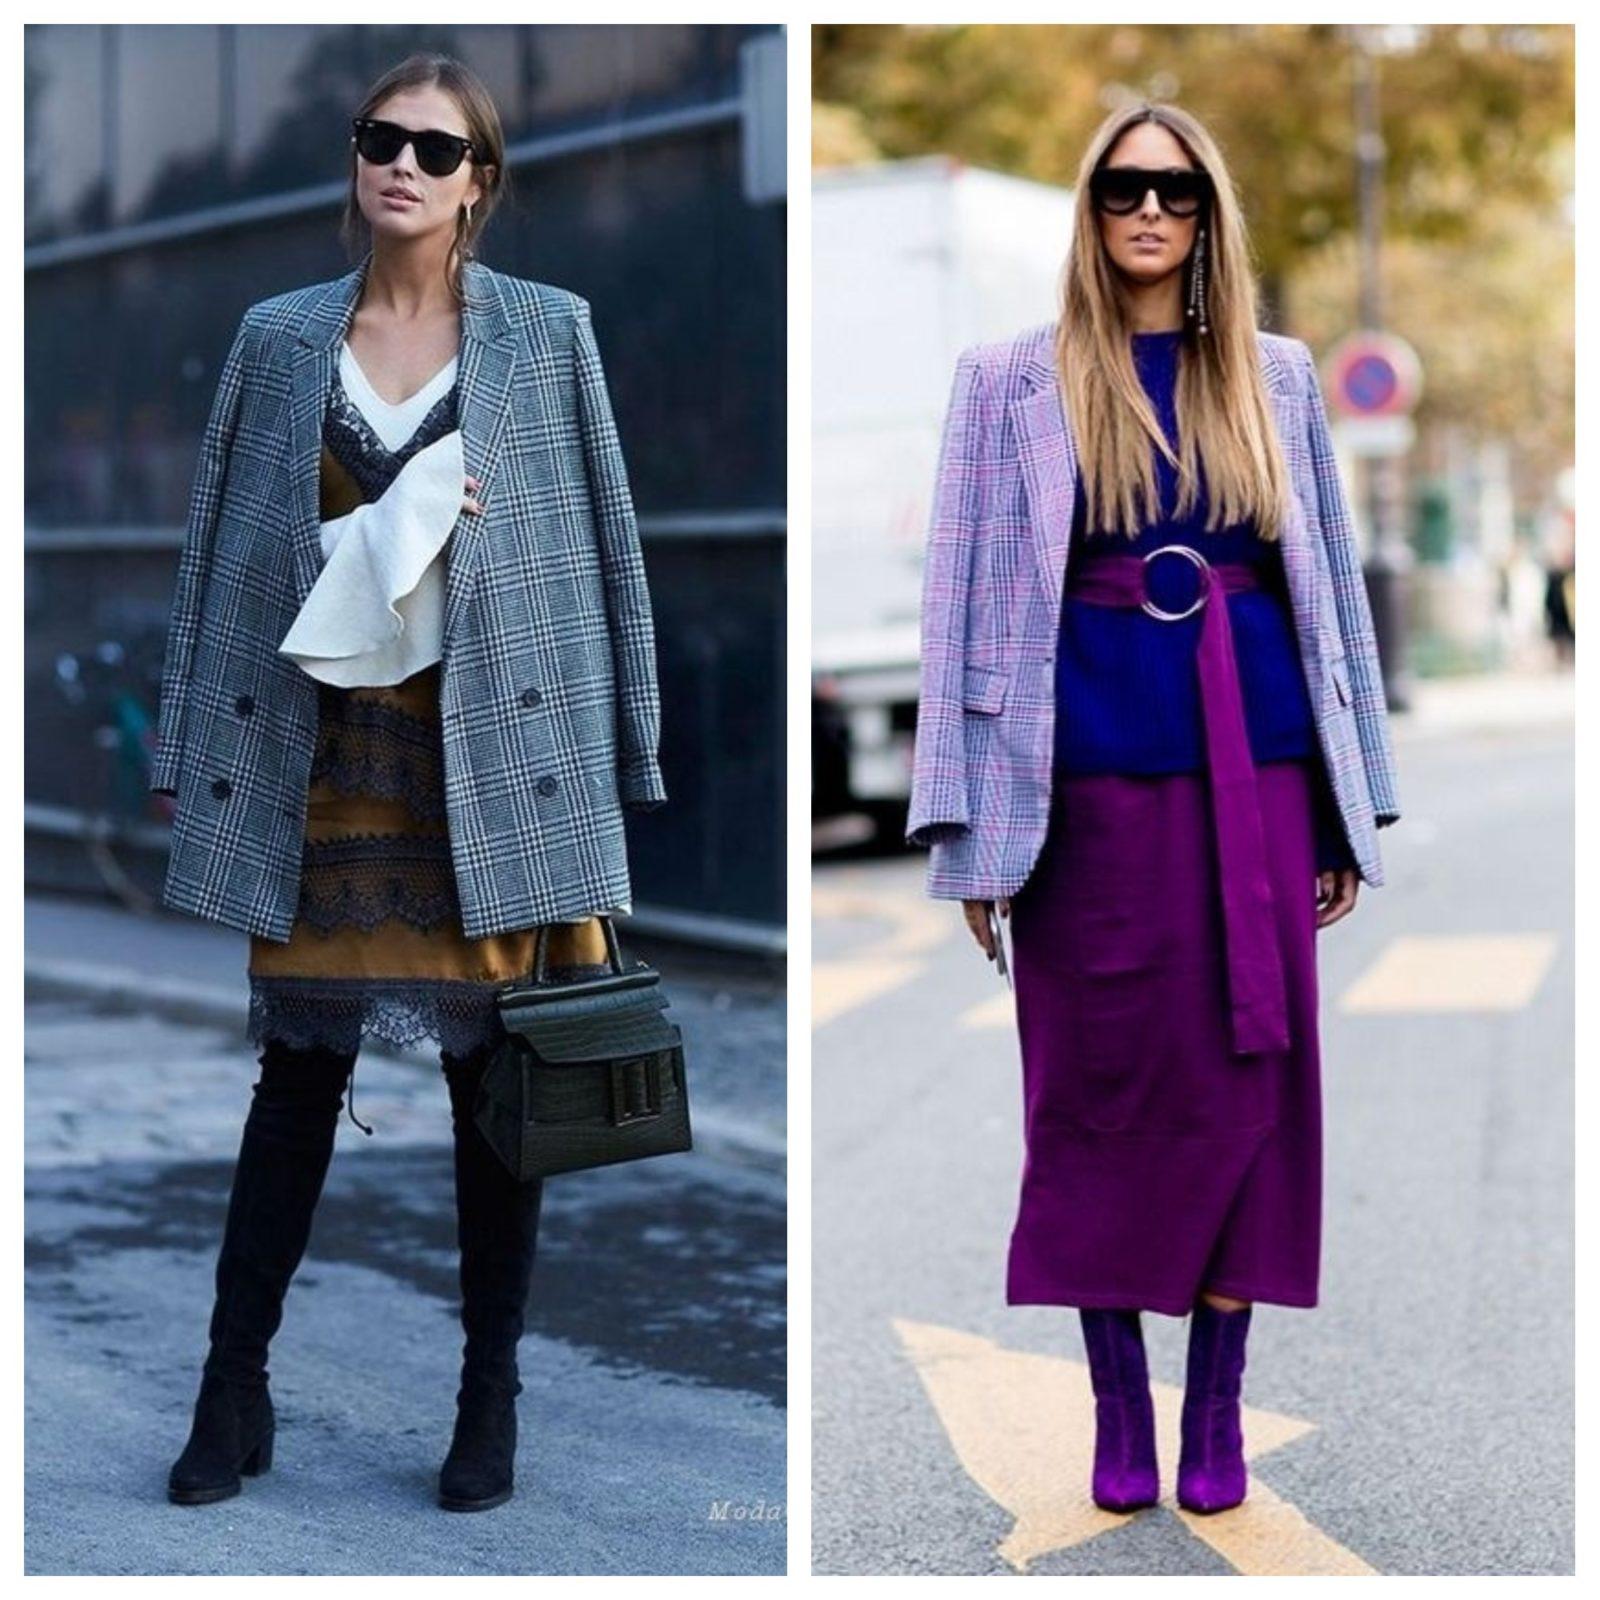 уличная мода 2018 2019 фото ультрамодных ярких нарядов